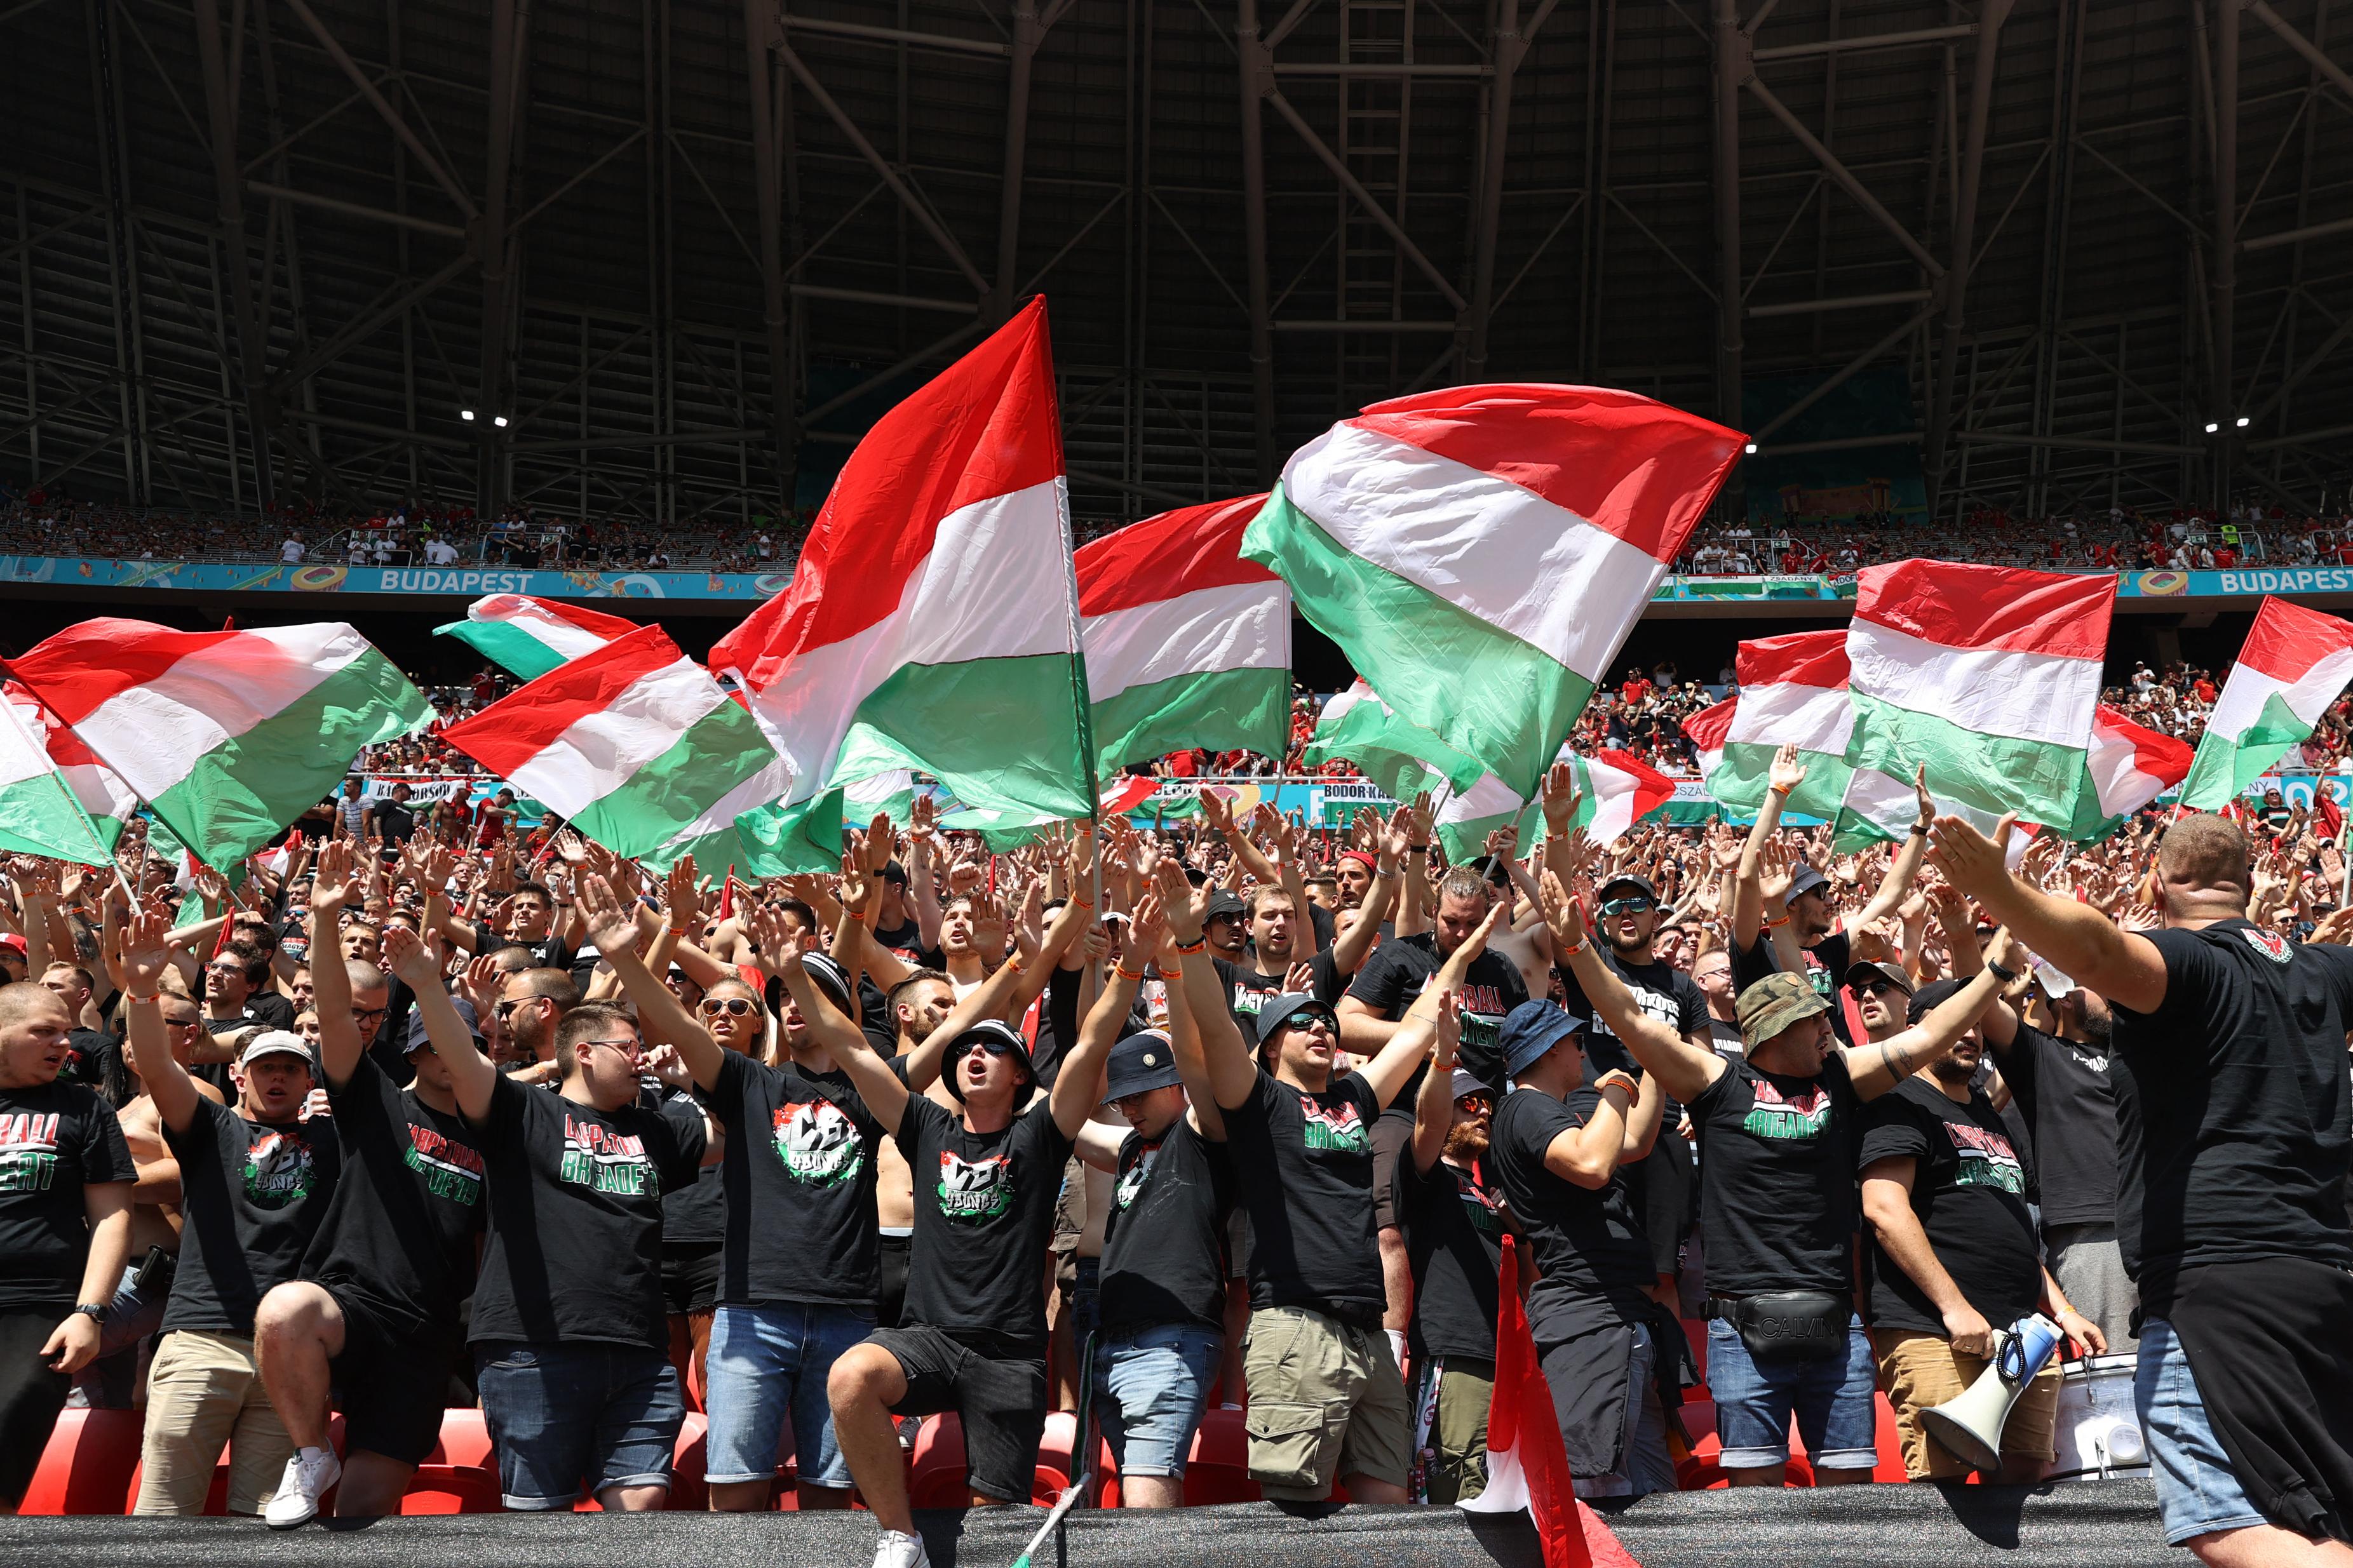 Tételesen felsorolta az MLSZ, milyen szurkolói bekiabálások miatt kapott büntetést a magyar válogatott